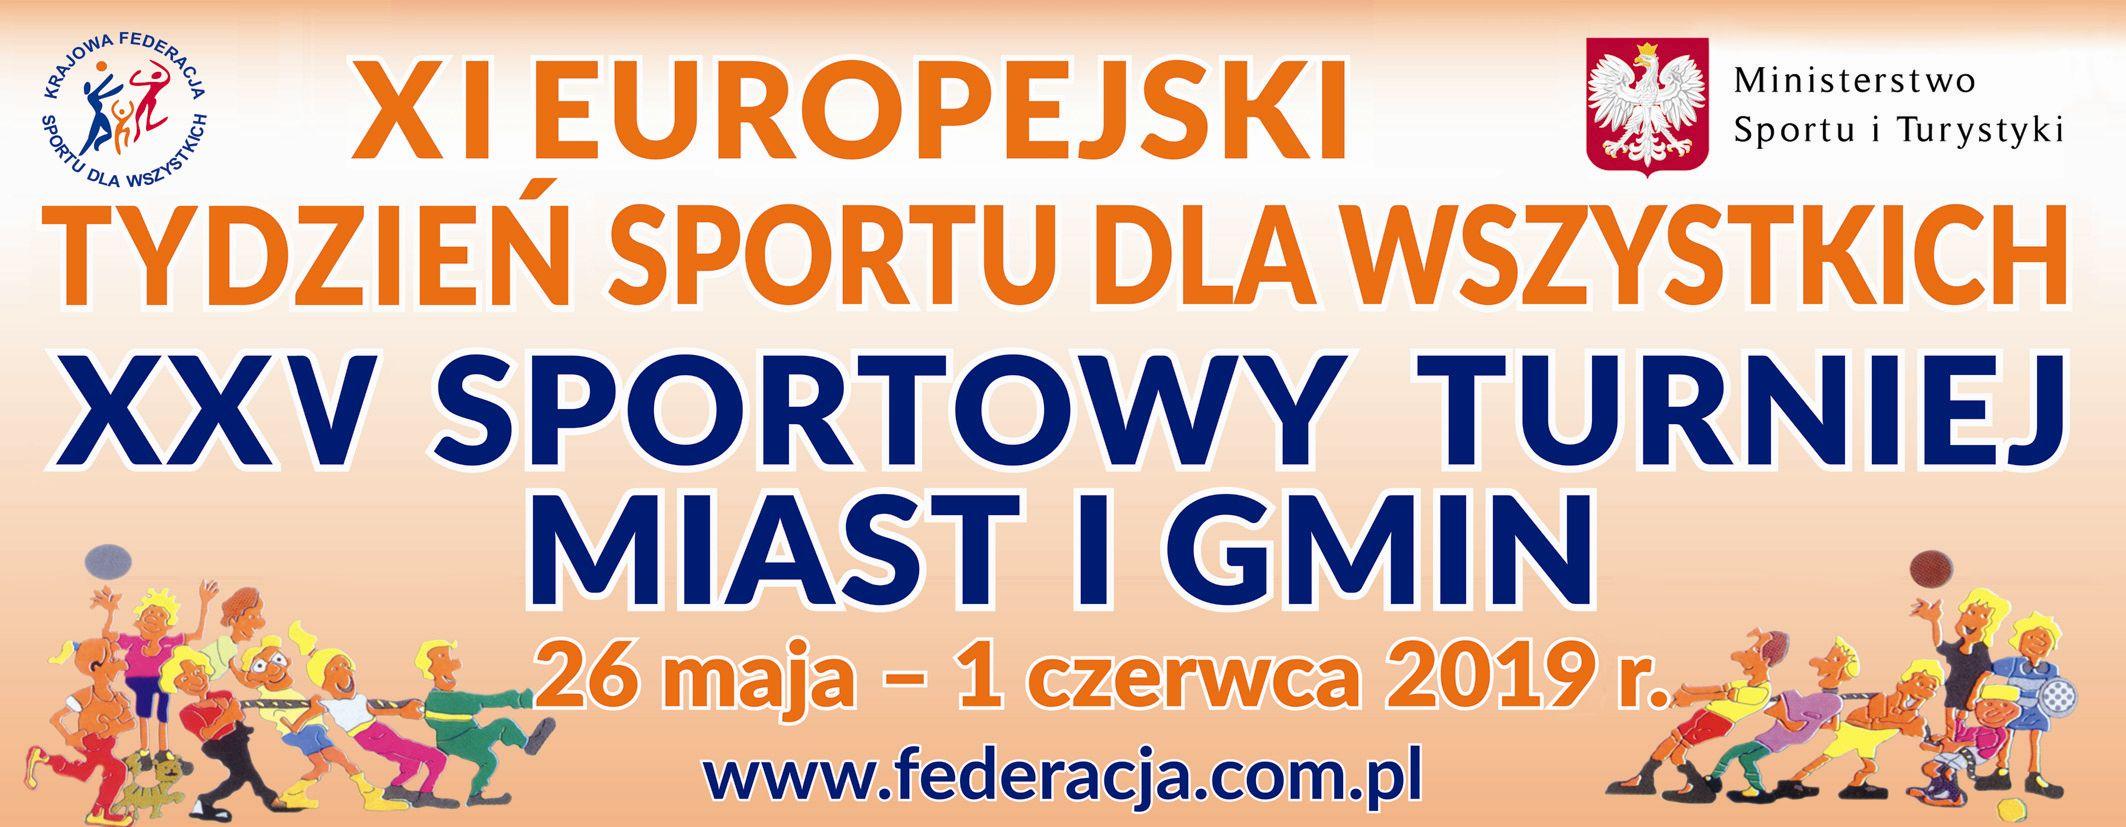 Gmina Limanowa uczestnikiem XXV Sportowego Turnieju Miast i Gmin - zdjęcie główne